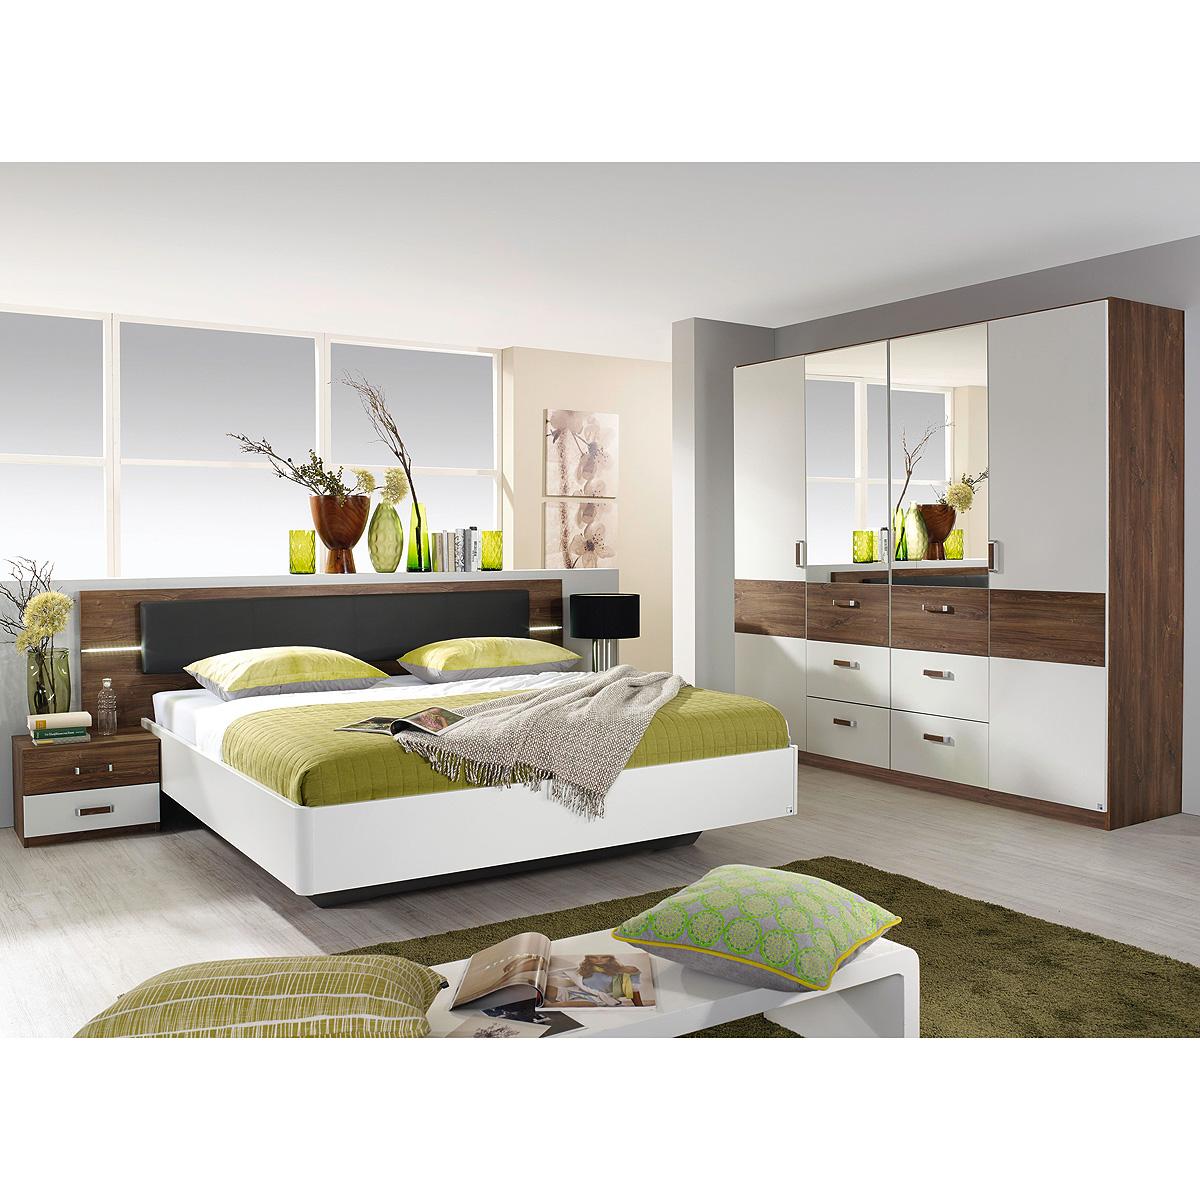 Schlafzimmer Leimen Schlafzimmerset Bett Schrank Nako in weiß ...